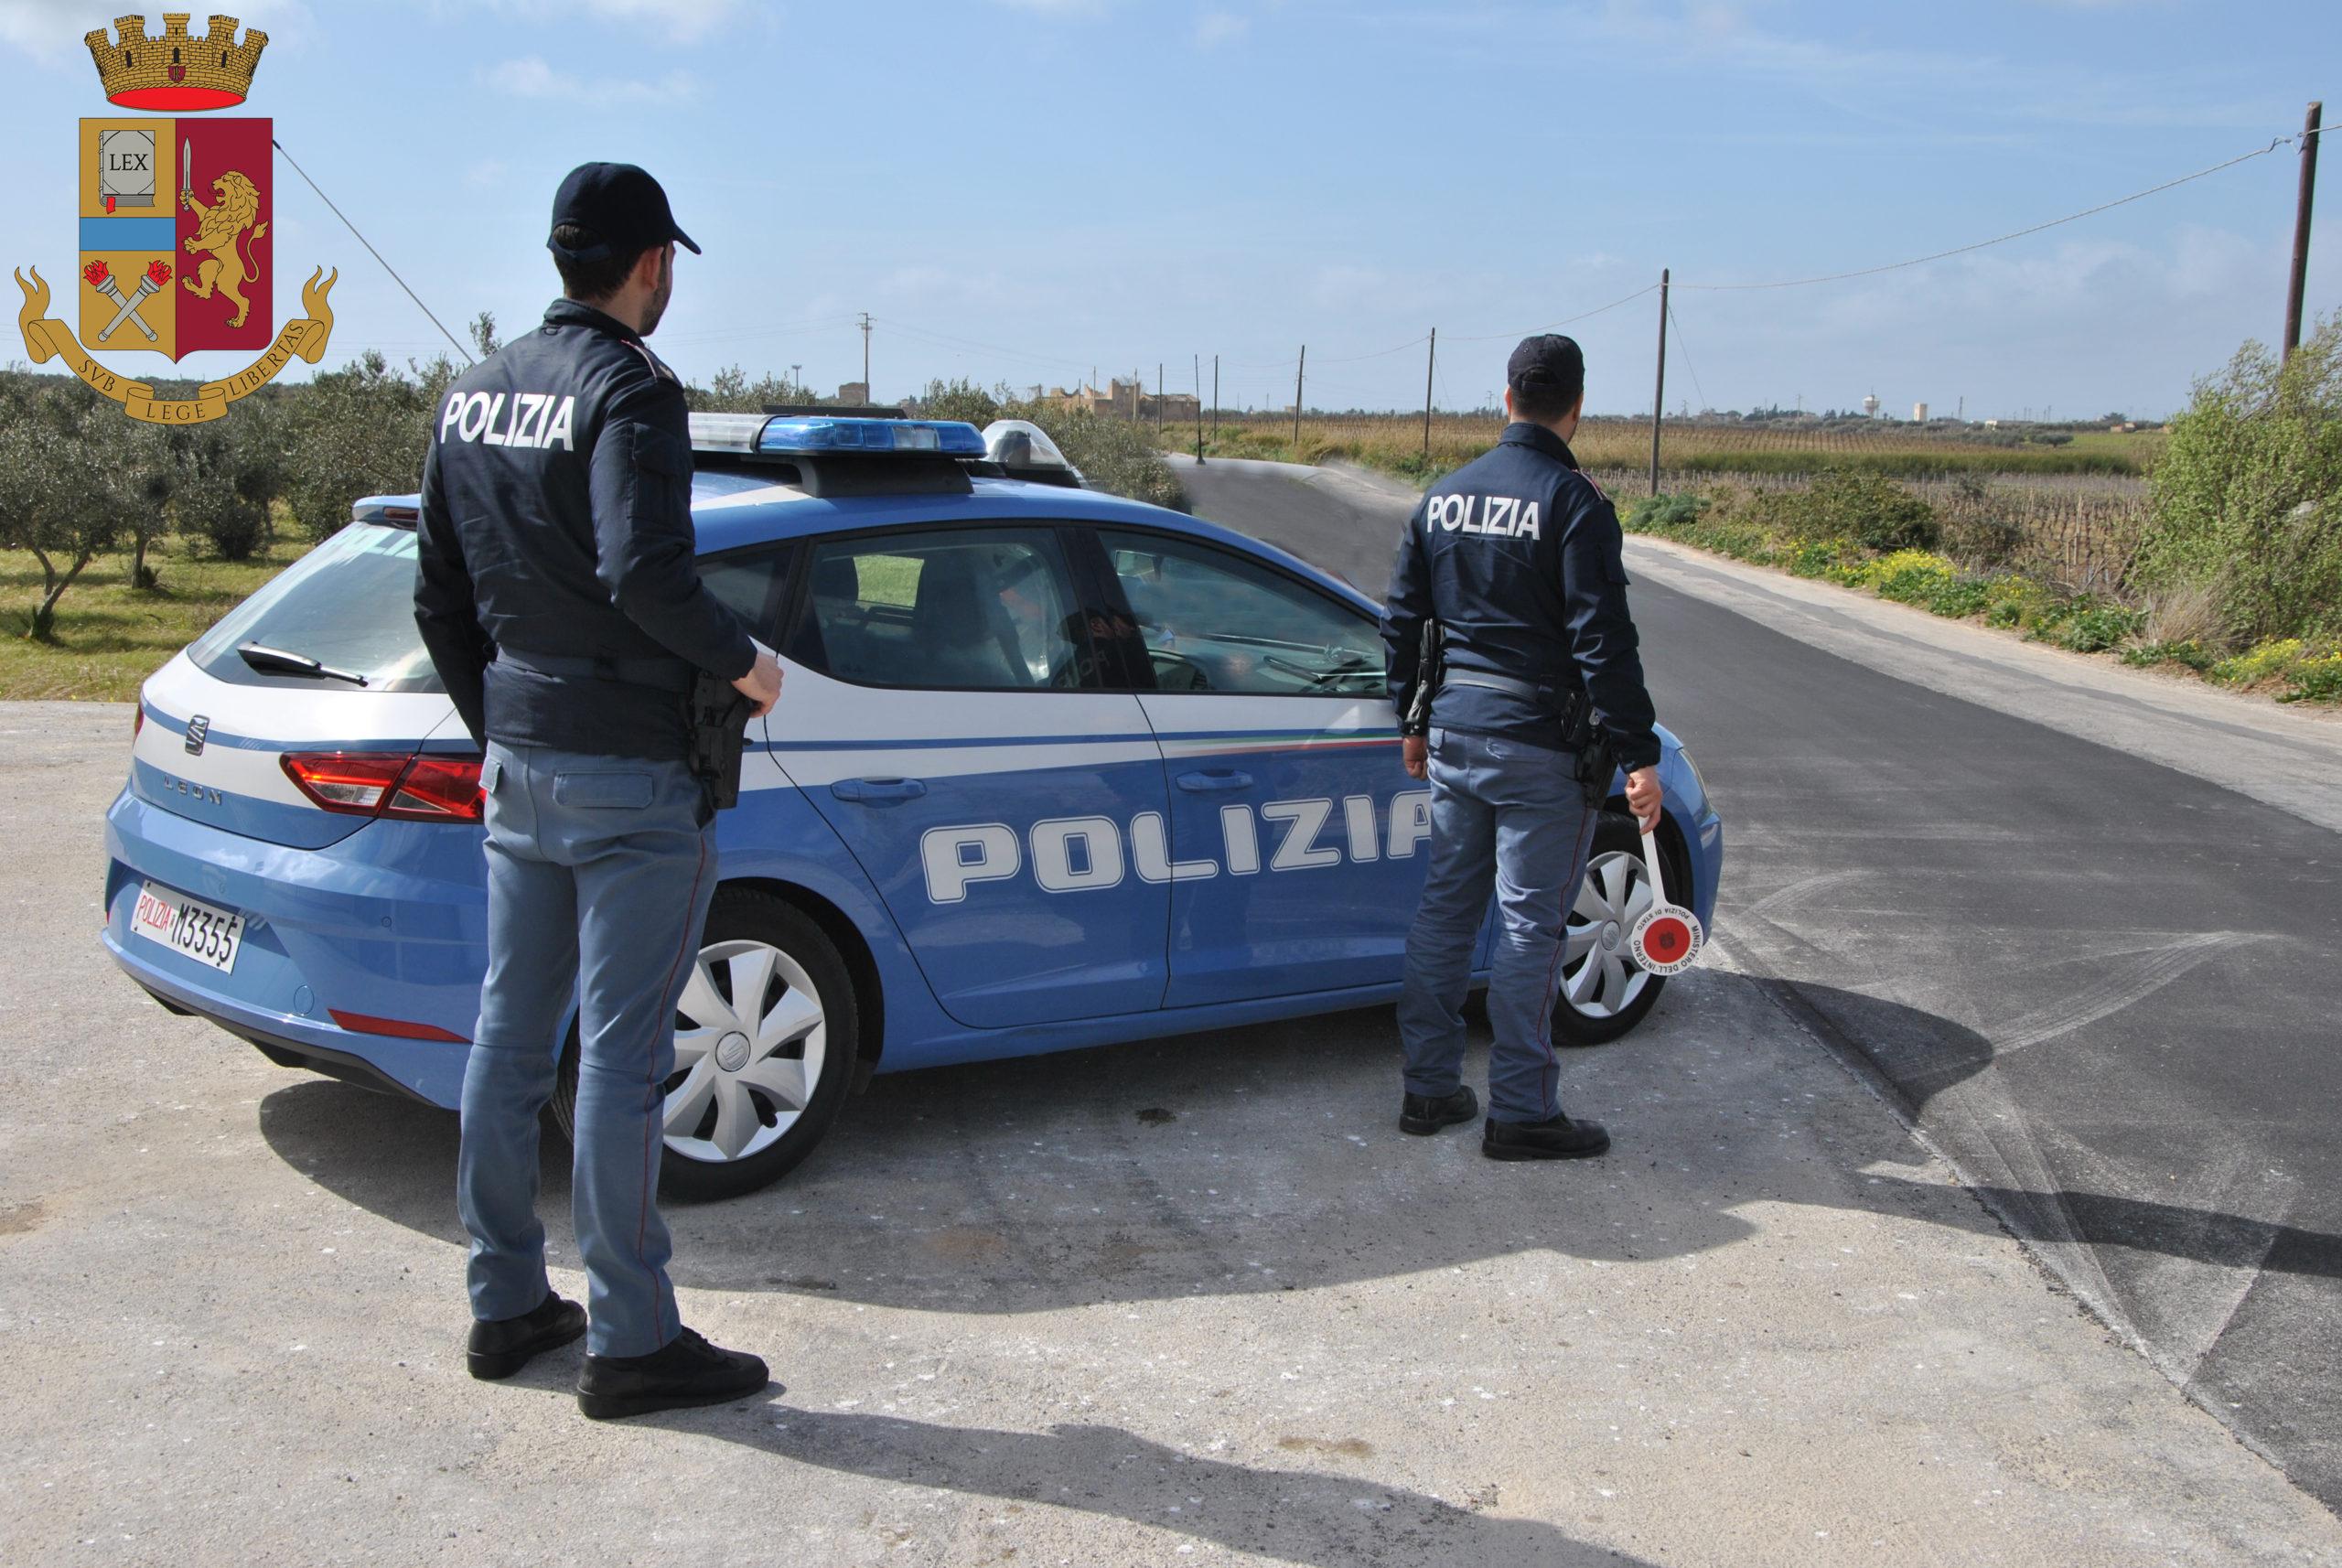 Pugni, testate e sputi contro gli agenti in piazza della Repubblica: arrestato mazarese